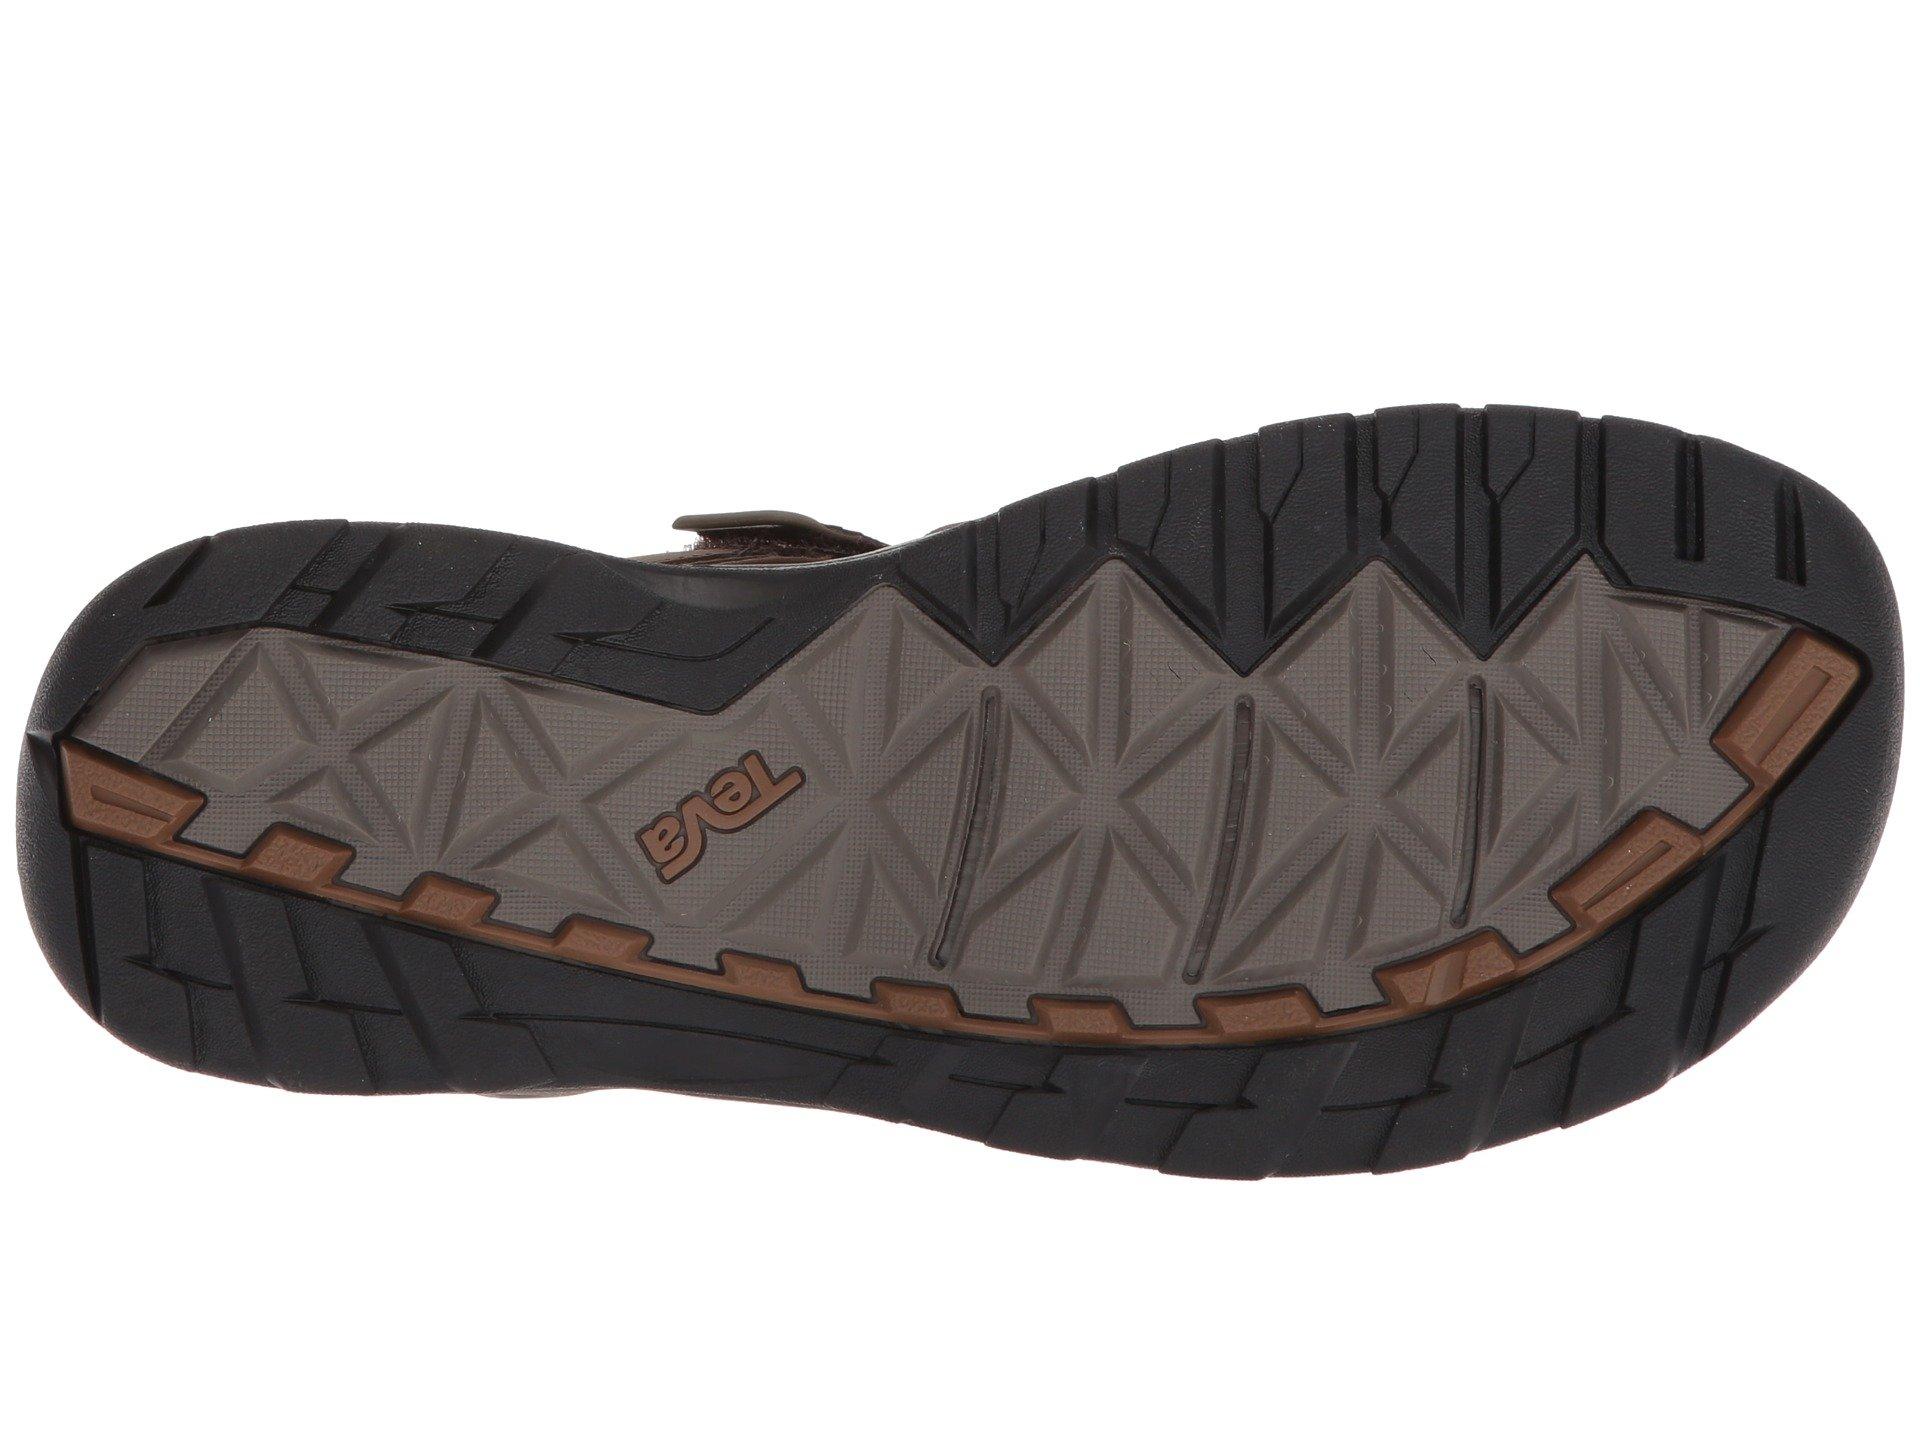 Teva Omnium 2 Leather At Zappos Com